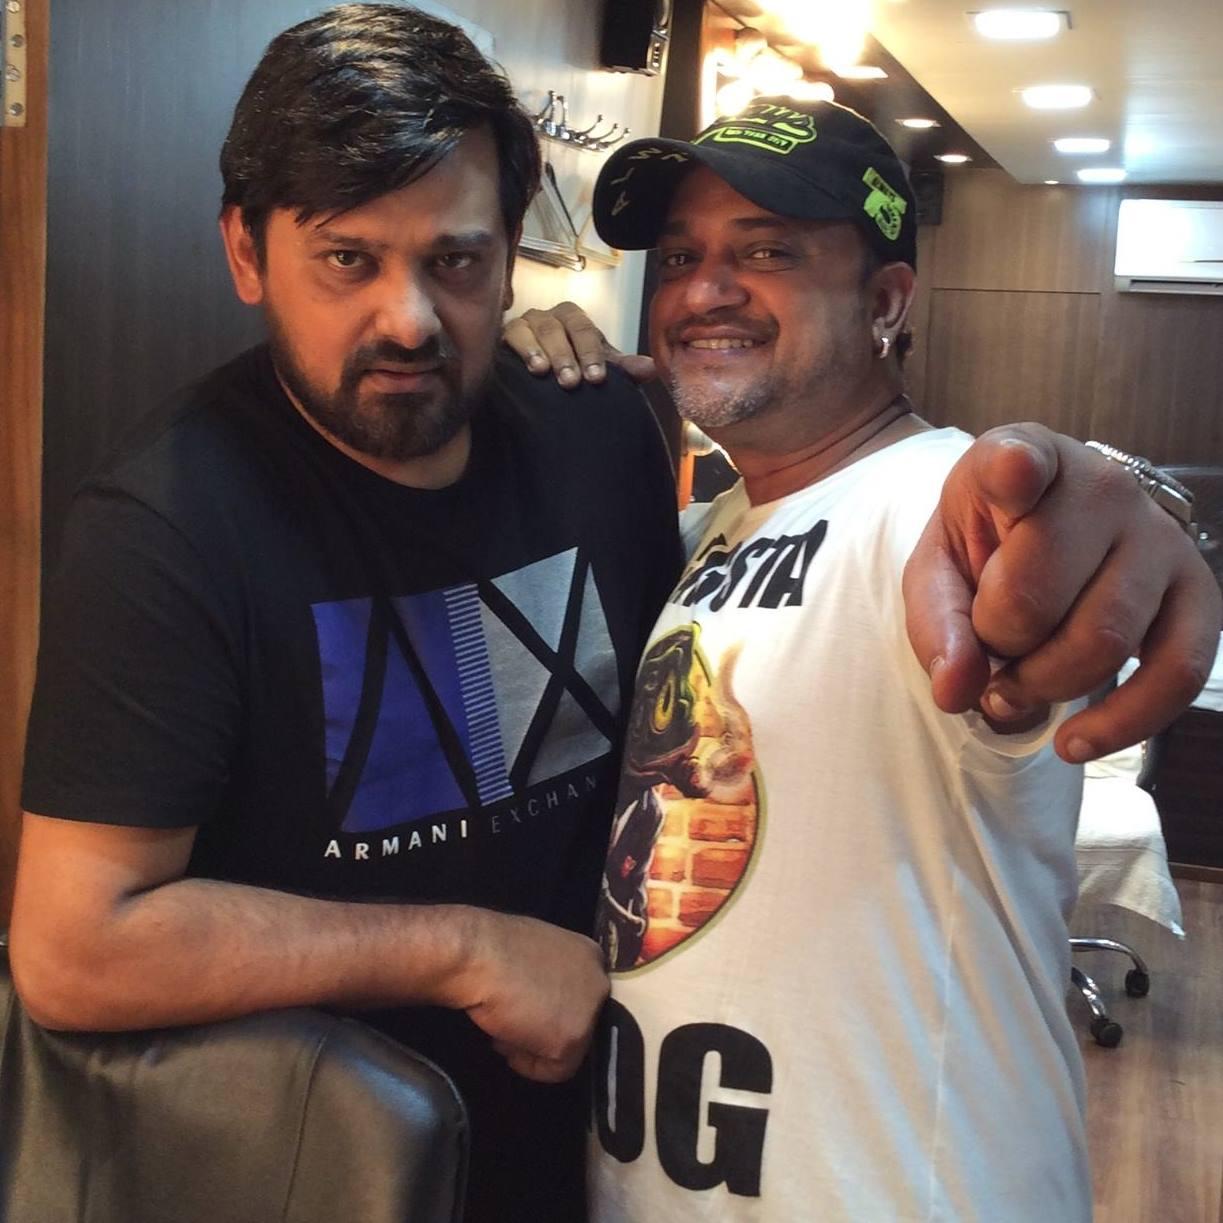 भाई और पार्टनर साजिद के साथ वाजिद खान (काली टी-शर्ट में).